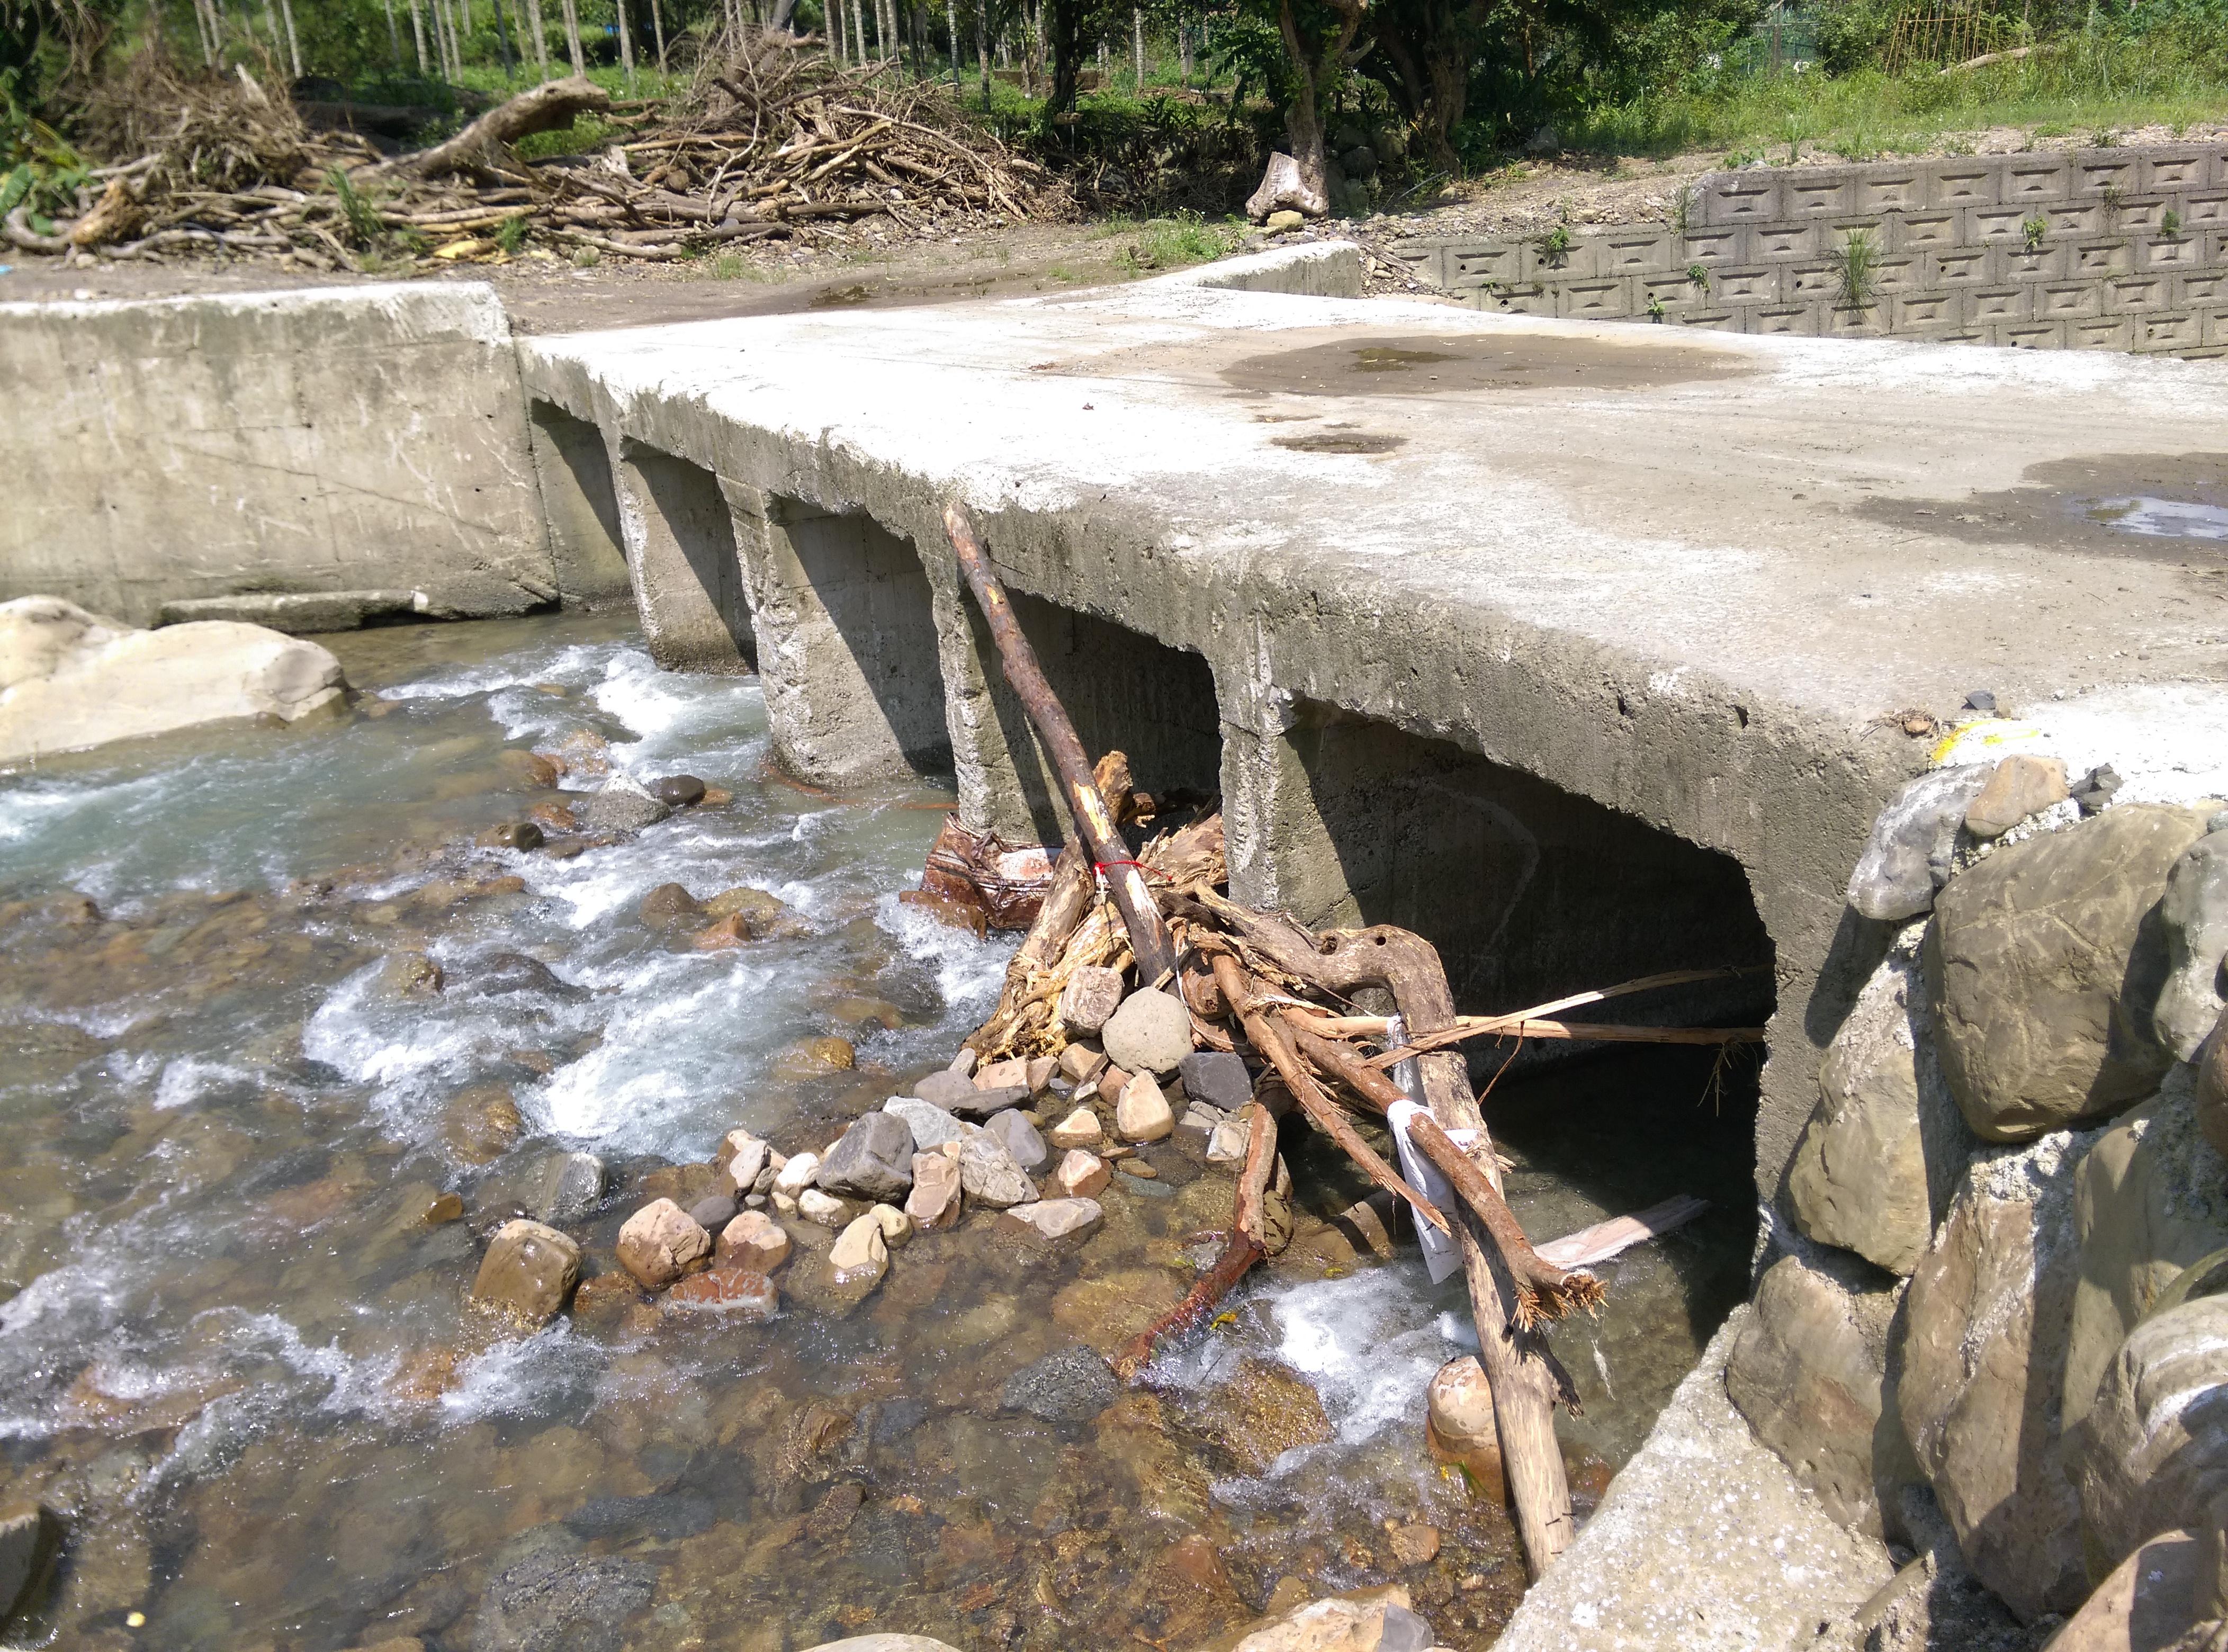 橋梁落柱於河道中,造成樹木等積於河道,如遇暴雨,恐造成河道堵塞。(攝影/劉品彣)